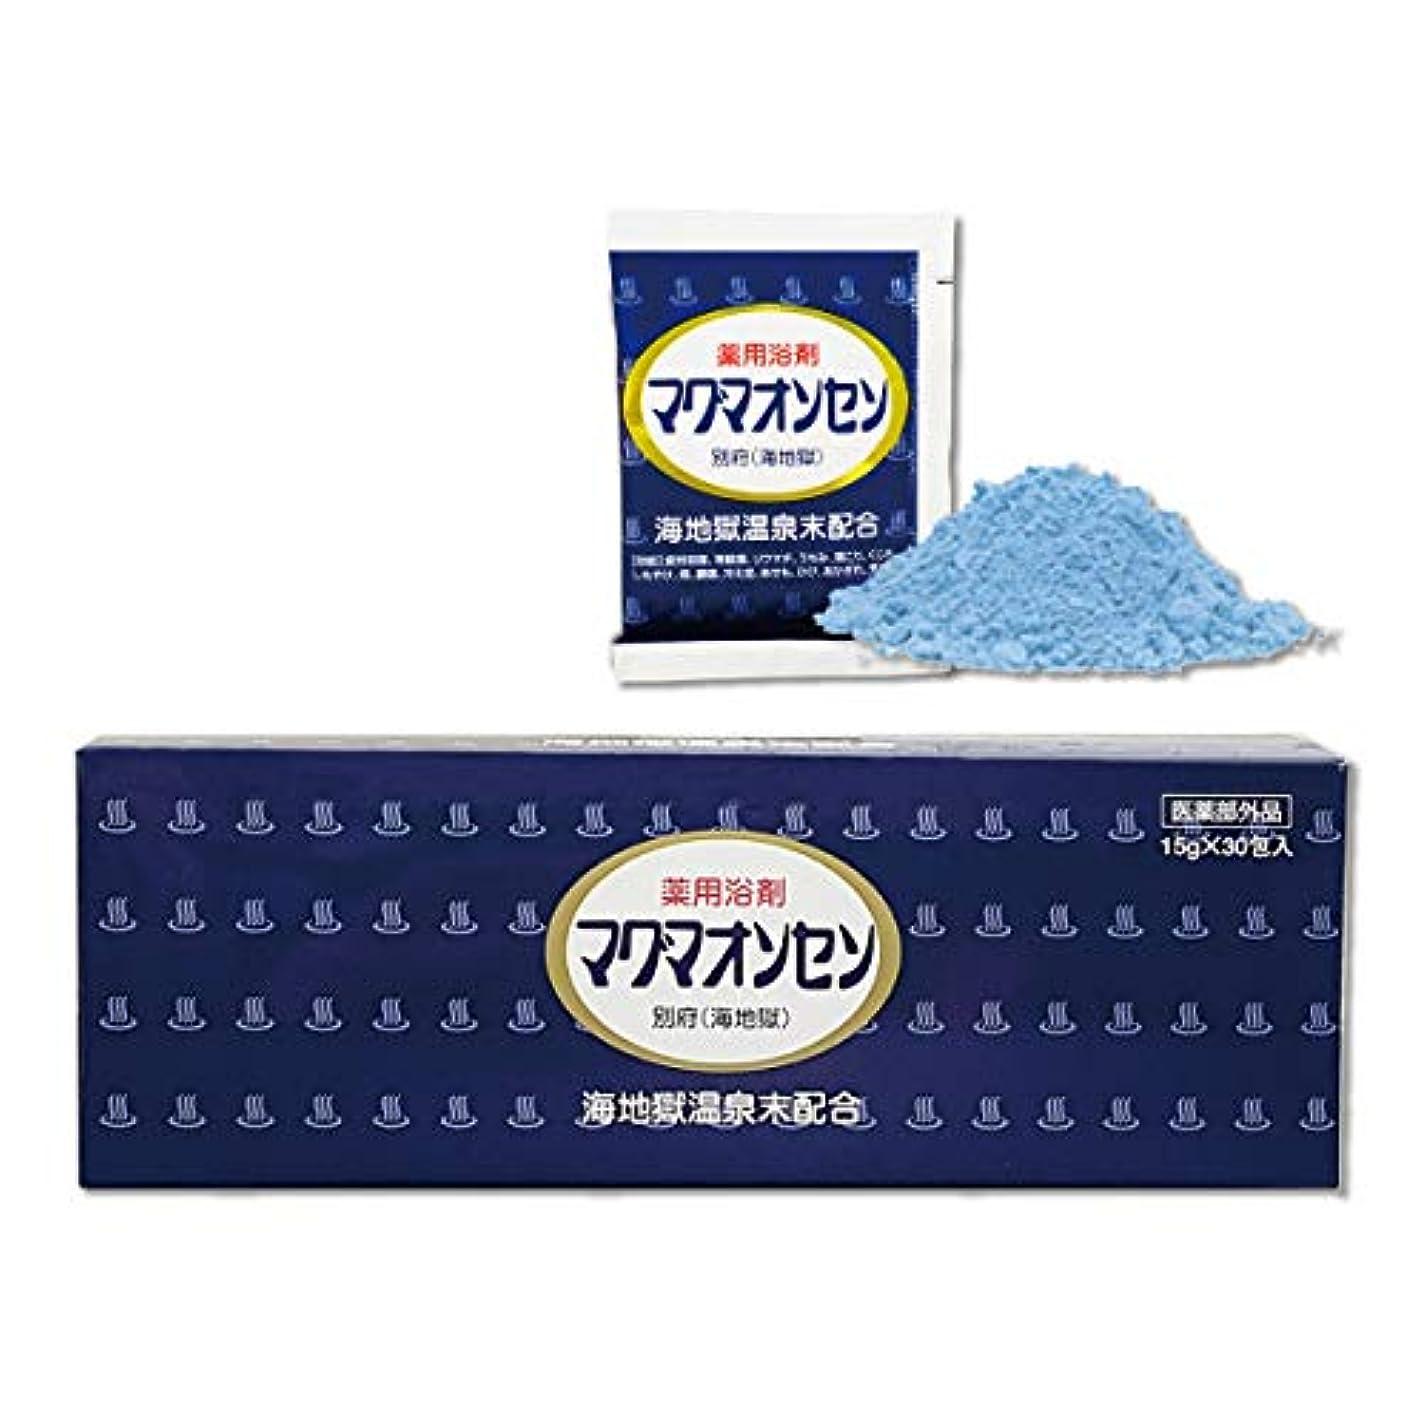 ジャンル医師ワーディアンケースマグマオンセン別府(海地獄) 15g×30包入